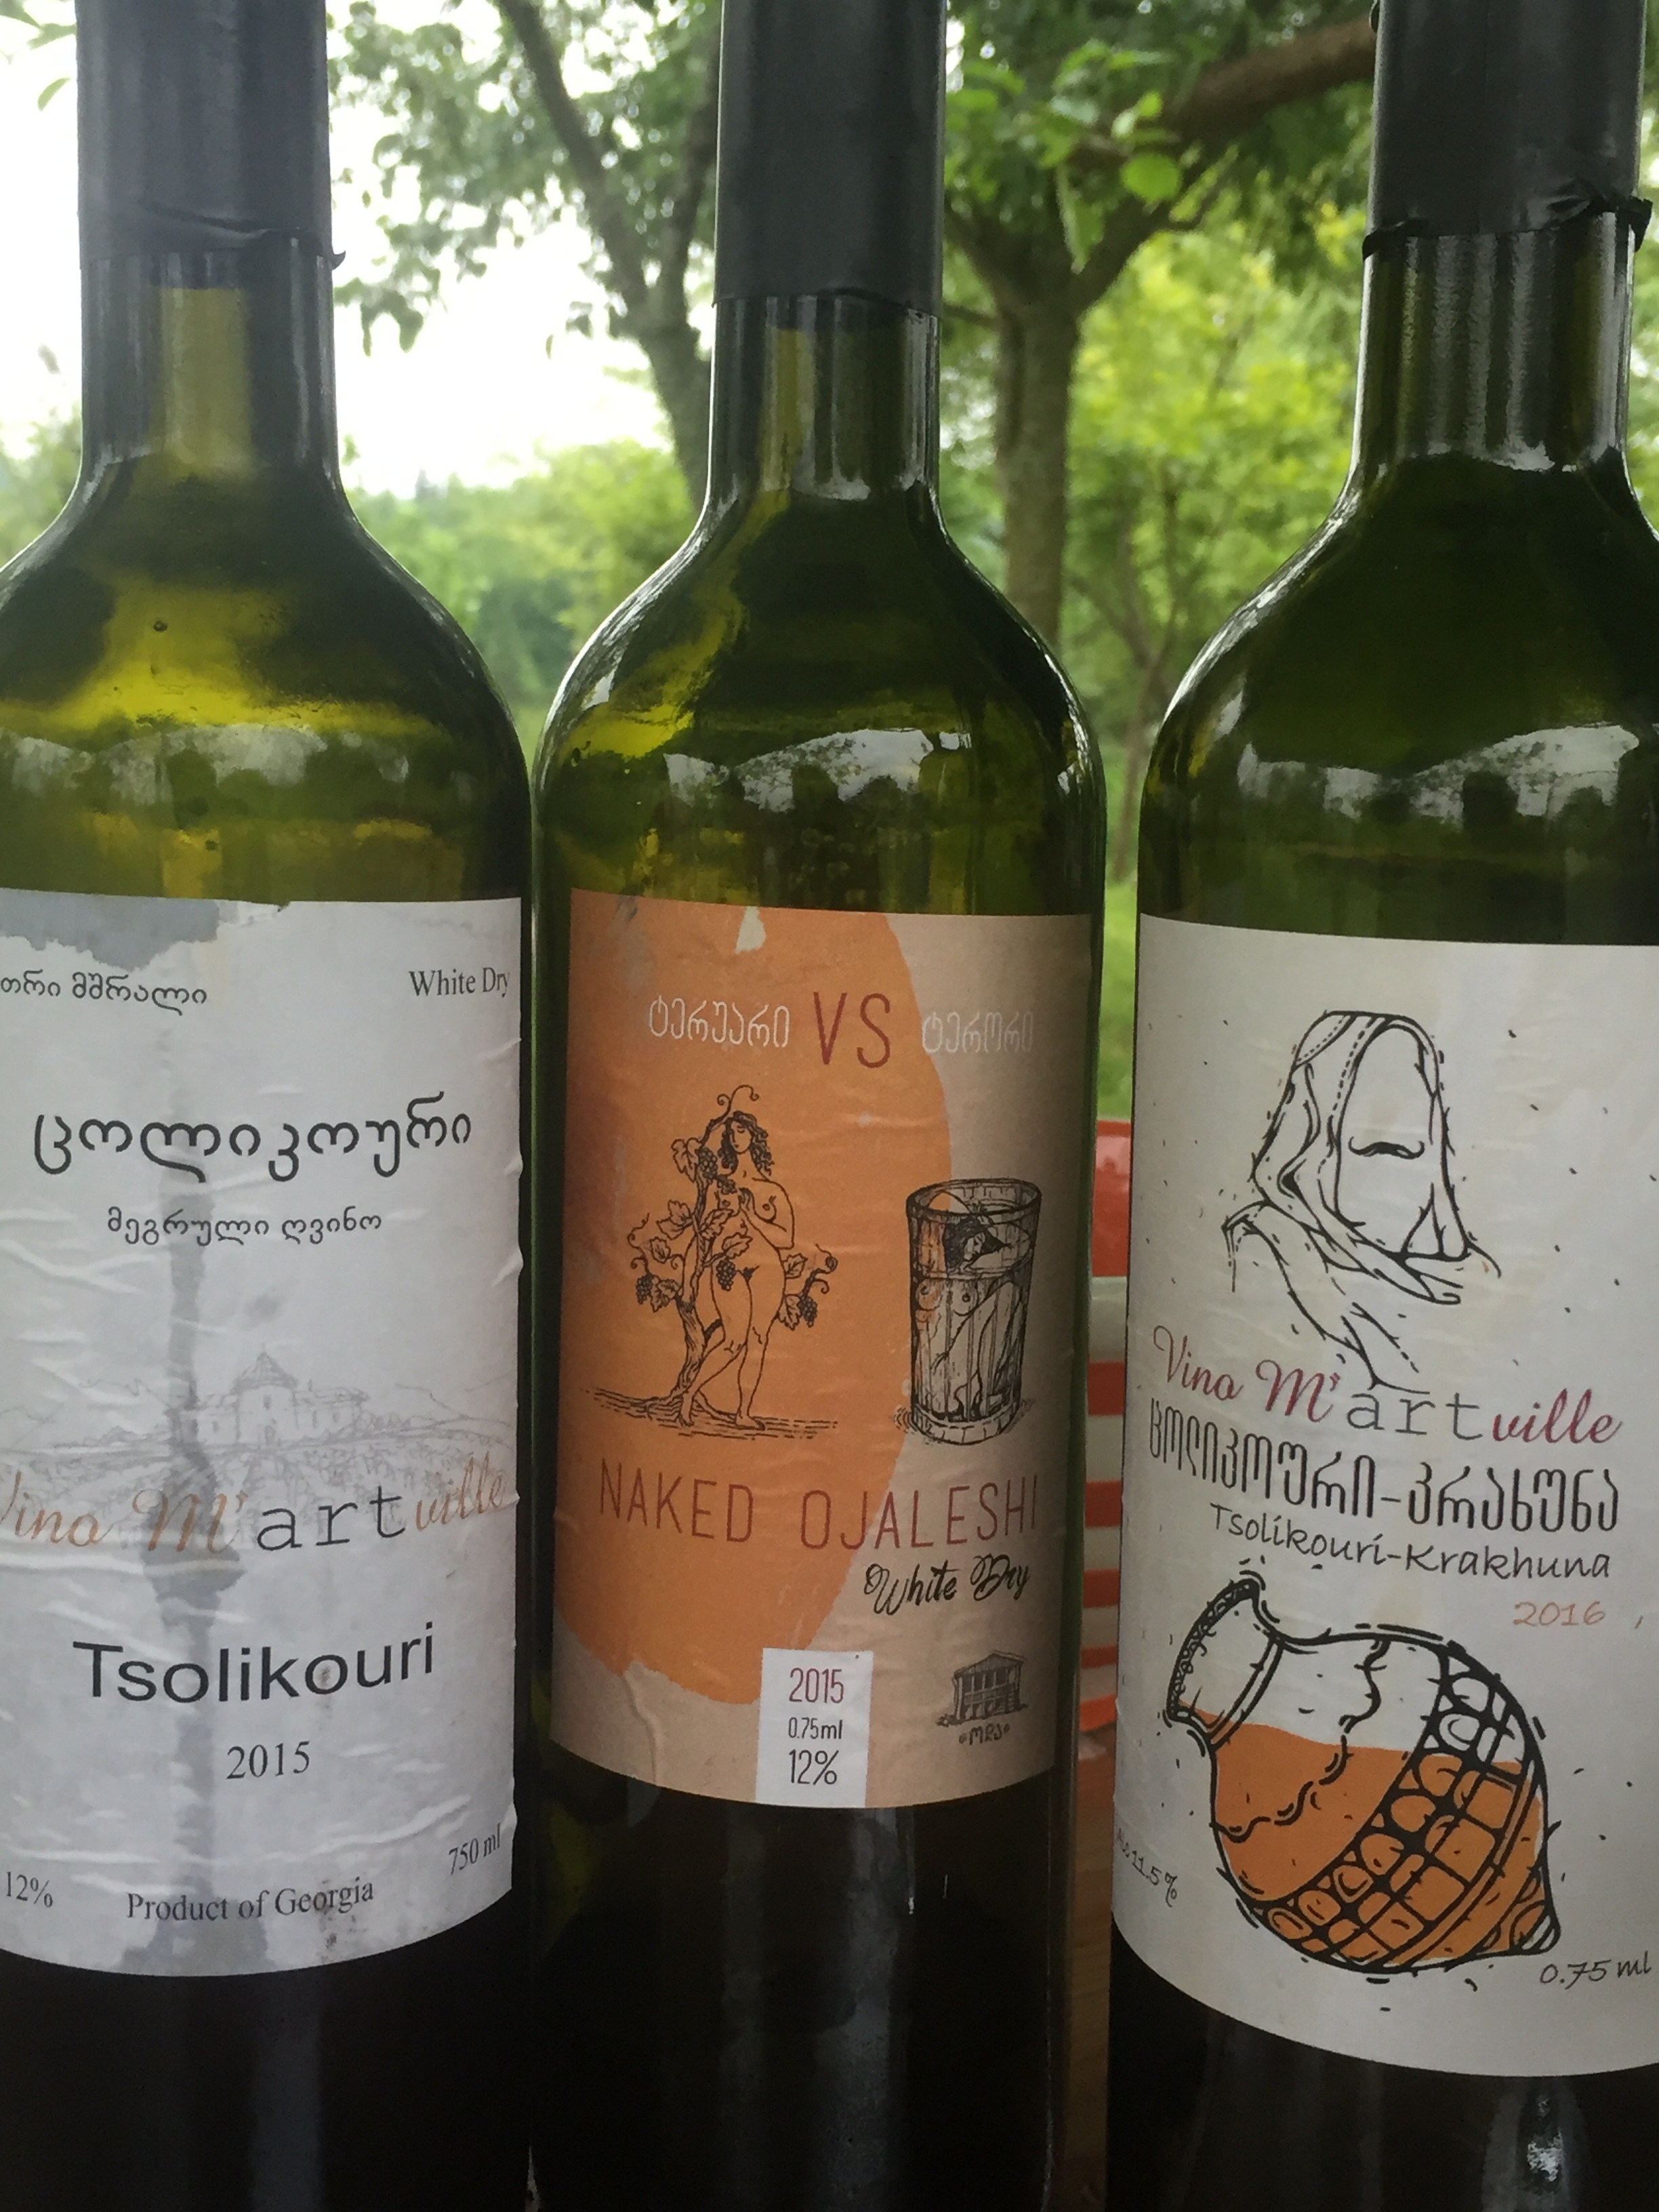 Oda Family Wines